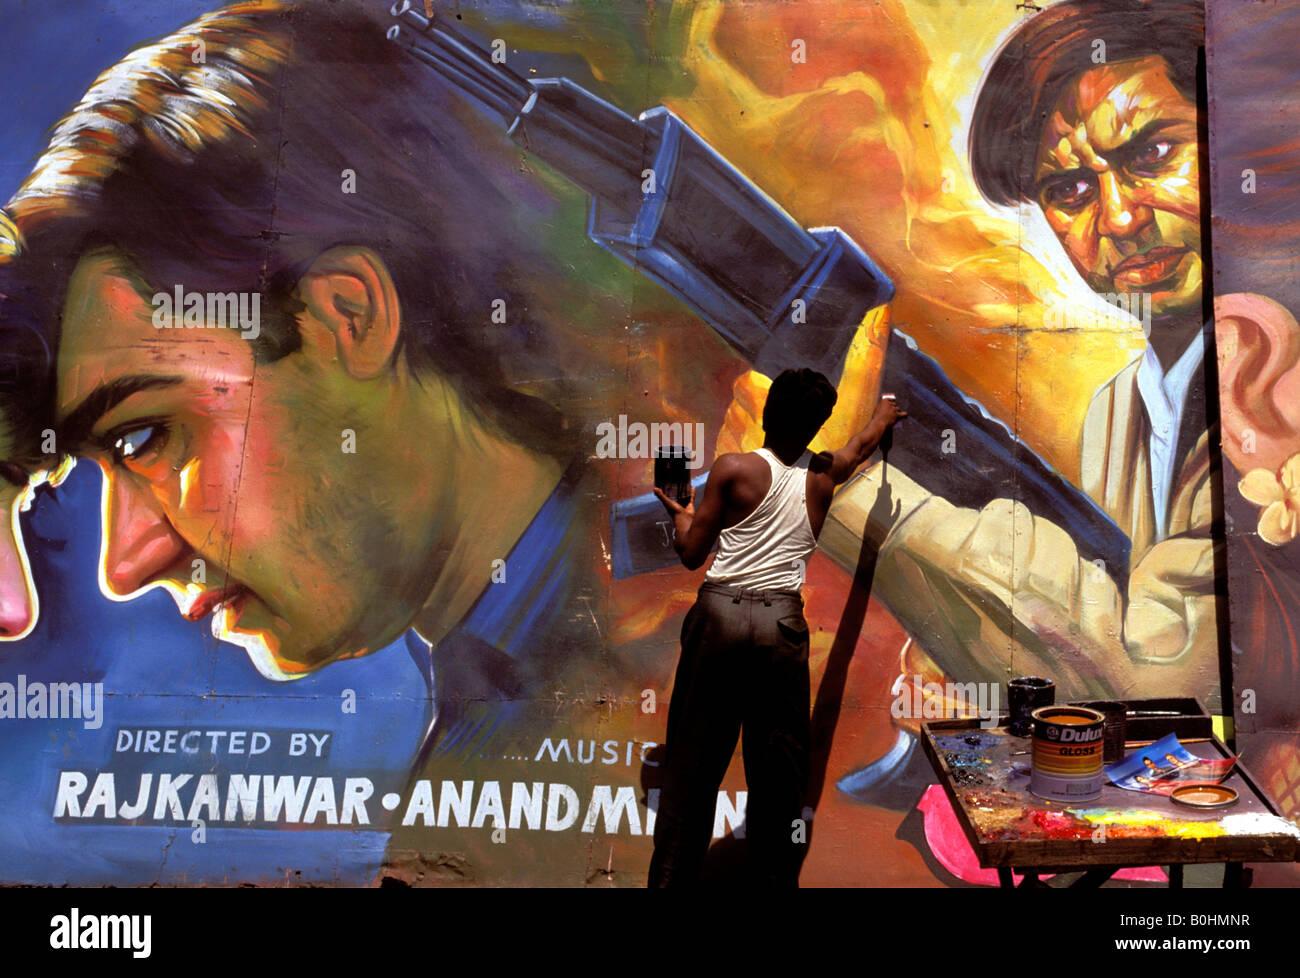 Un artista pittura a mano un film di Bollywood poster, Delhi, India. Immagini Stock